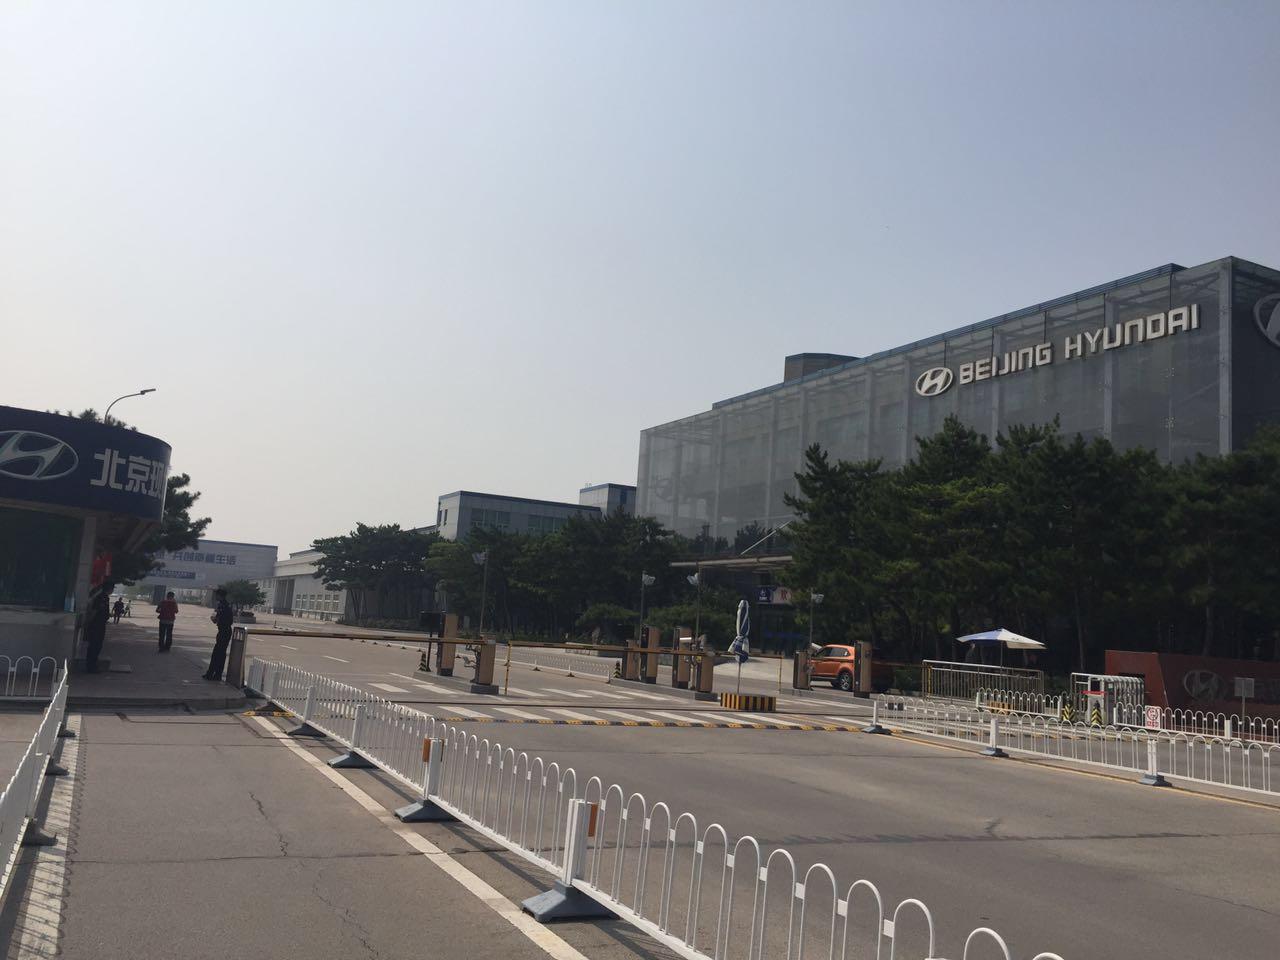 北京现代工厂停产调查 实地走访未受影响